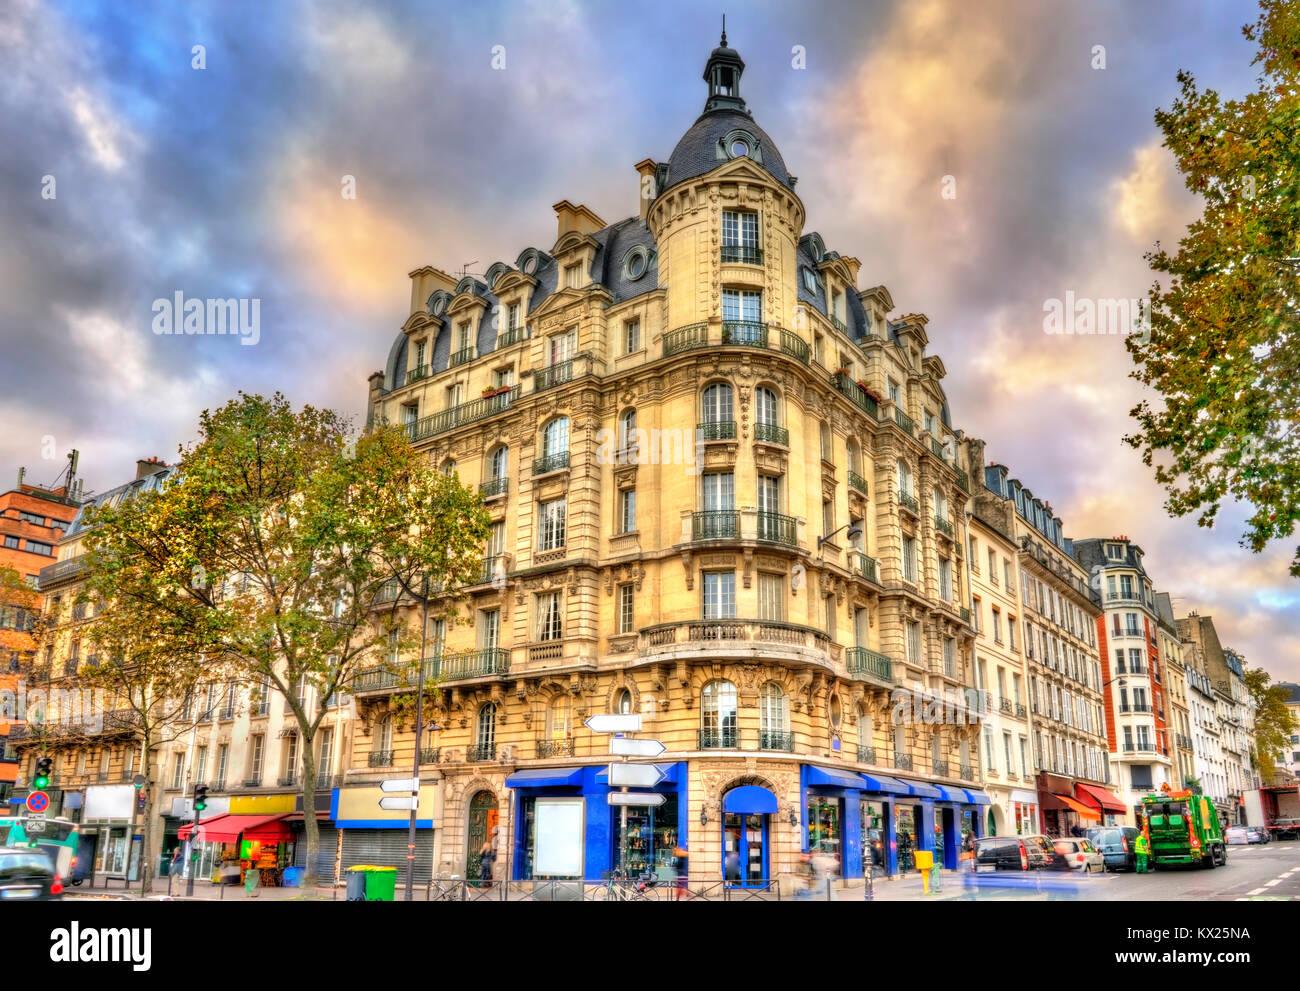 Typische Gebäude in Paris, Frankreich Stockbild